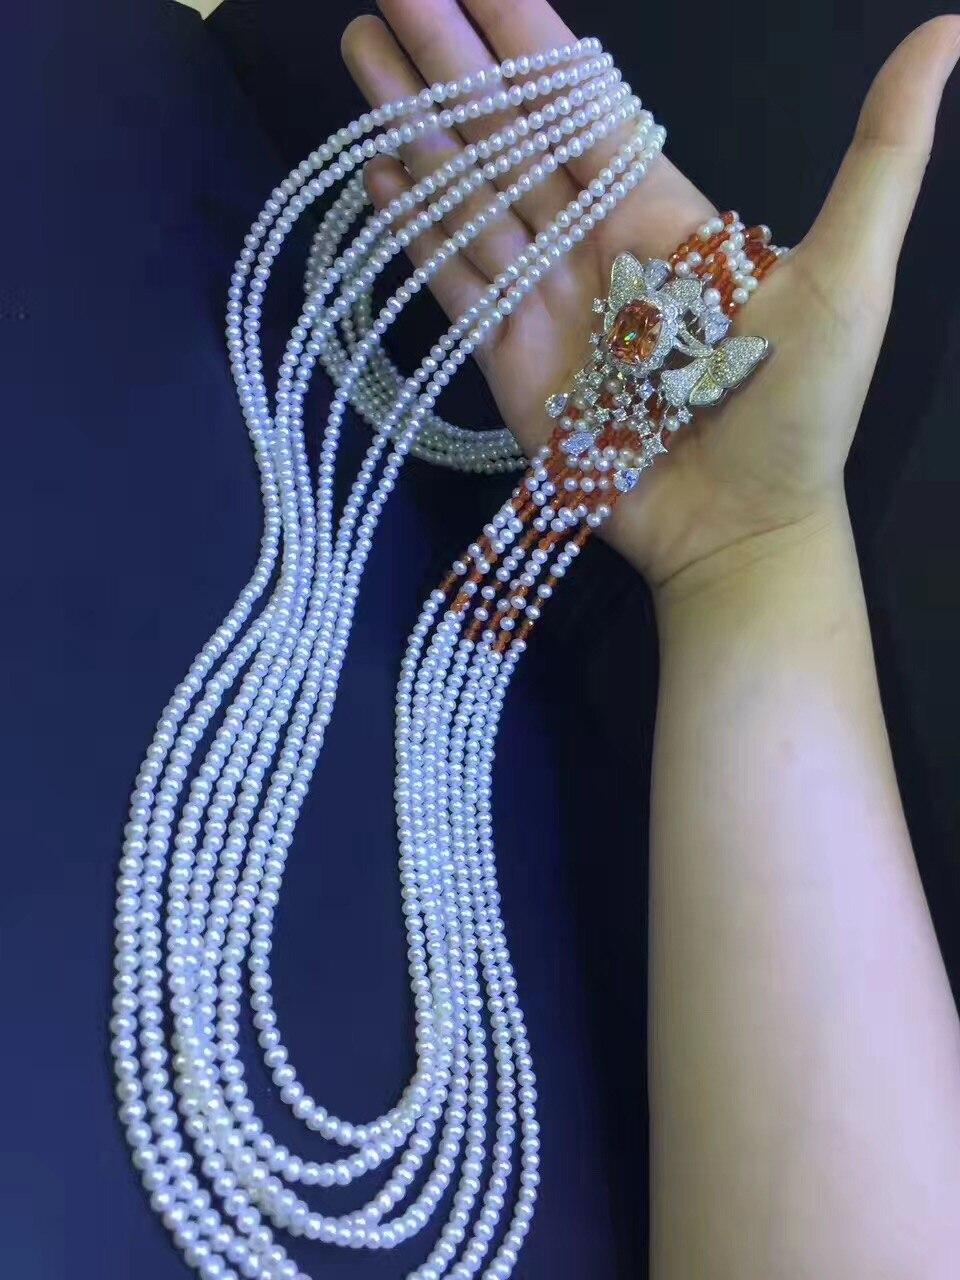 Драгоценный камень ювелирные изделия Настоящее натуральное пресноводное жемчужное ожерелье 3 4 мм маленькое жемчужное ожерелье Мутли слое